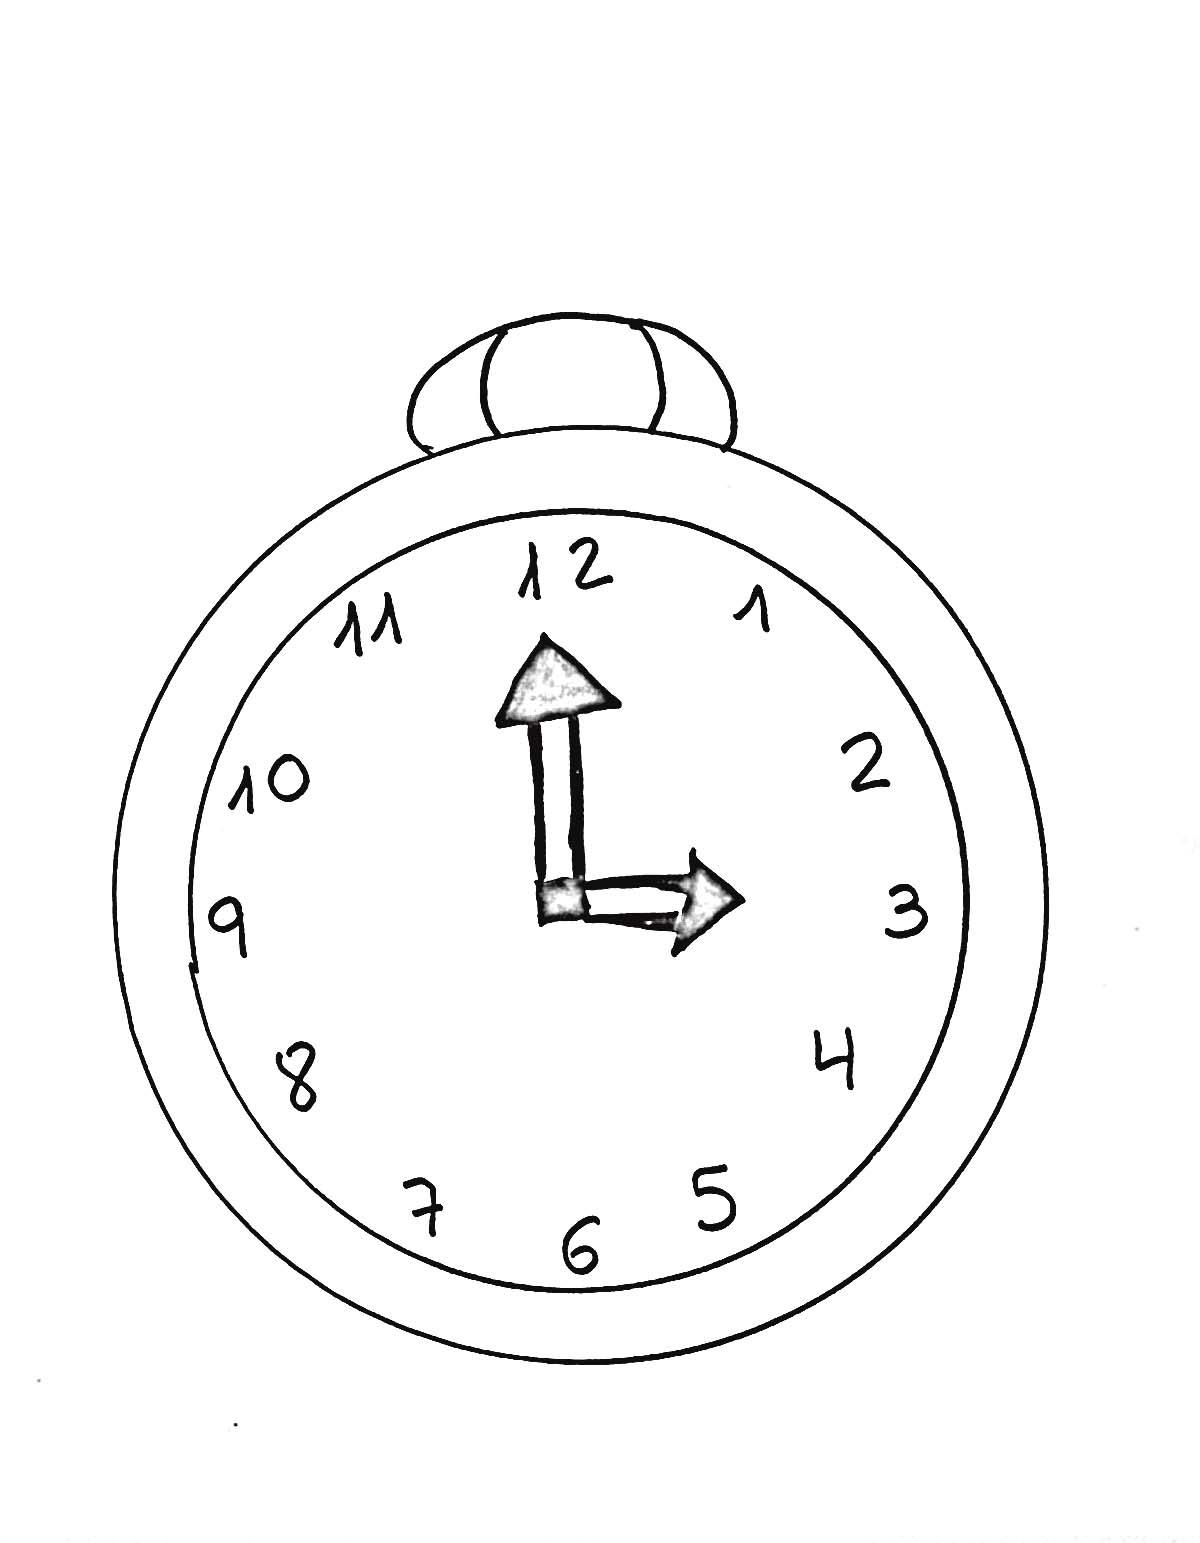 Reloj de pared para colorear imagui - Dibujos de relojes para imprimir ...